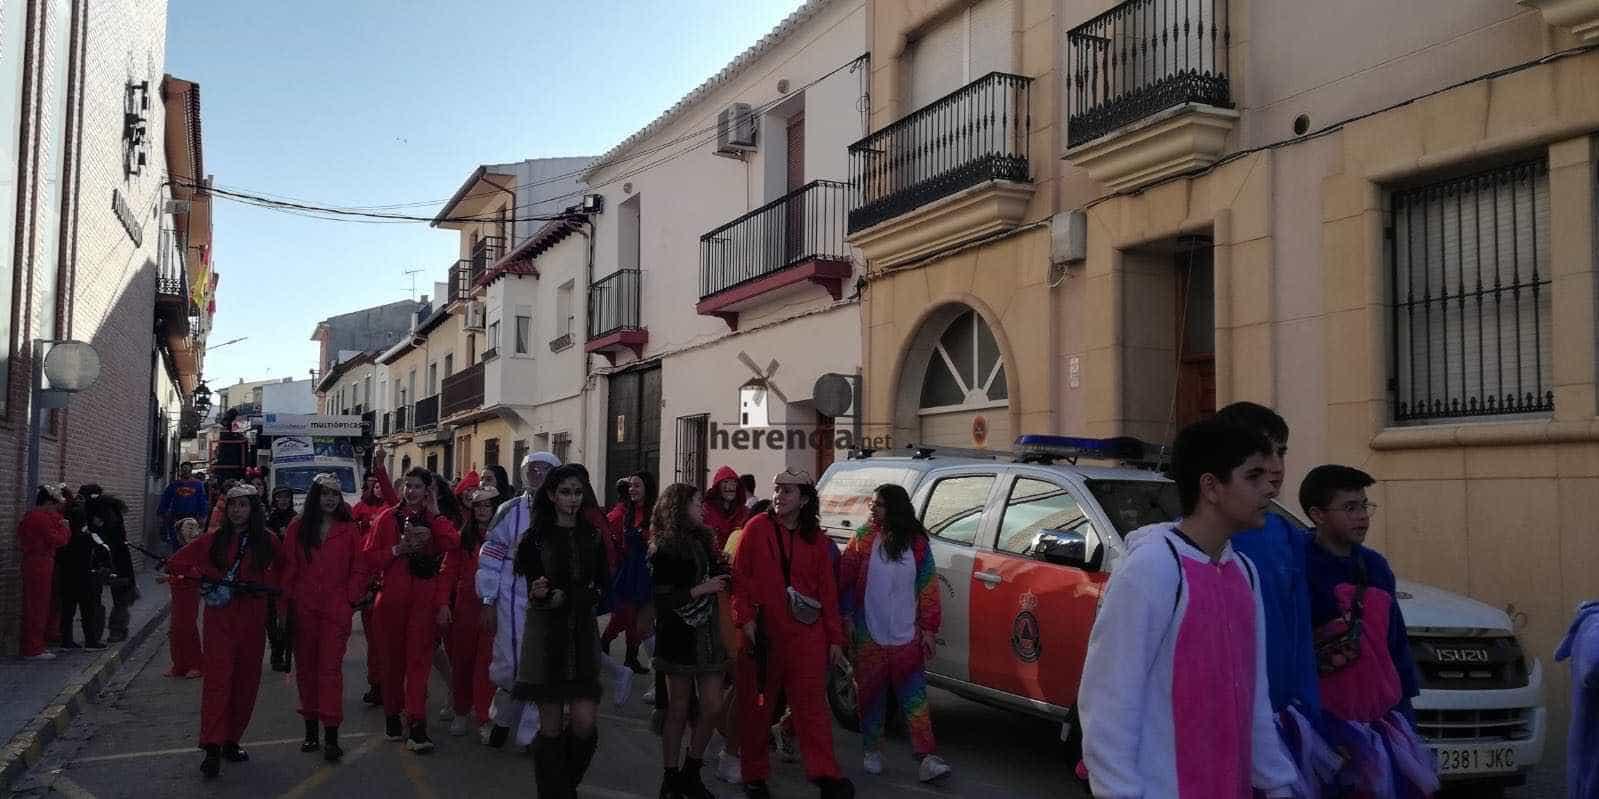 Carnaval herencia 2020 pasacalles domingo deseosas 4 - El Domingo de las Deseosas invita a todo el mundo al Carnaval de Herencia